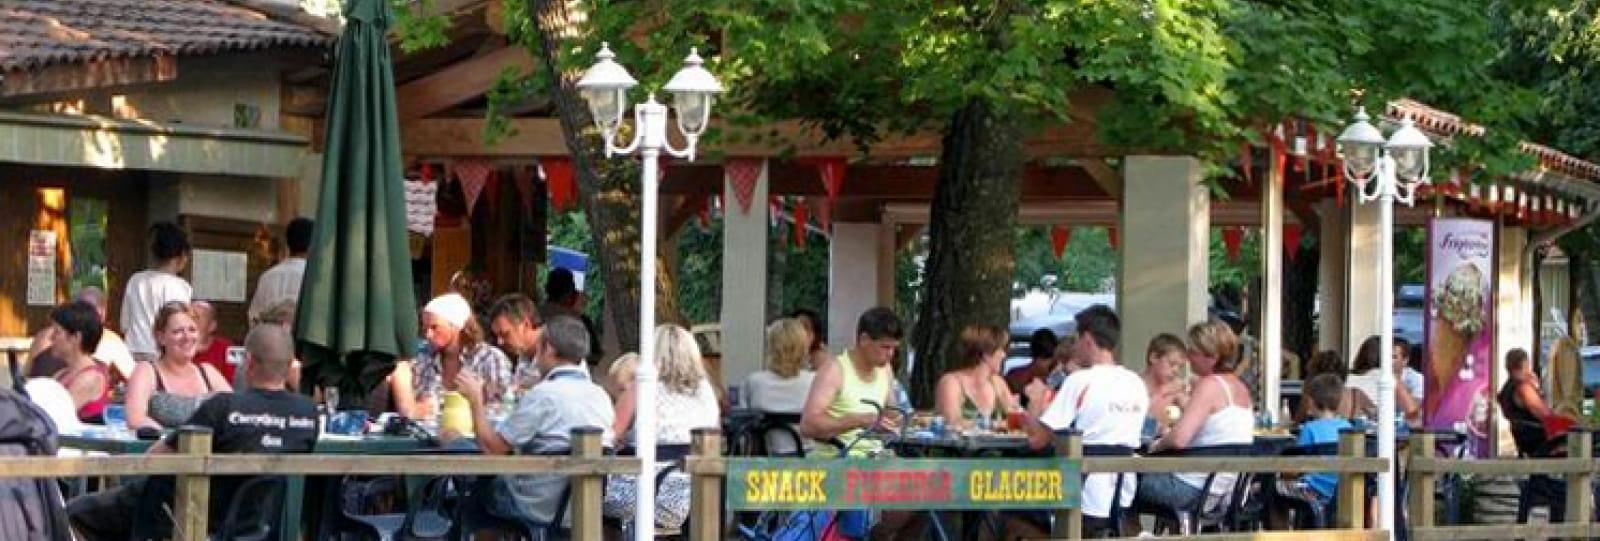 Resto-snack du Glandasse